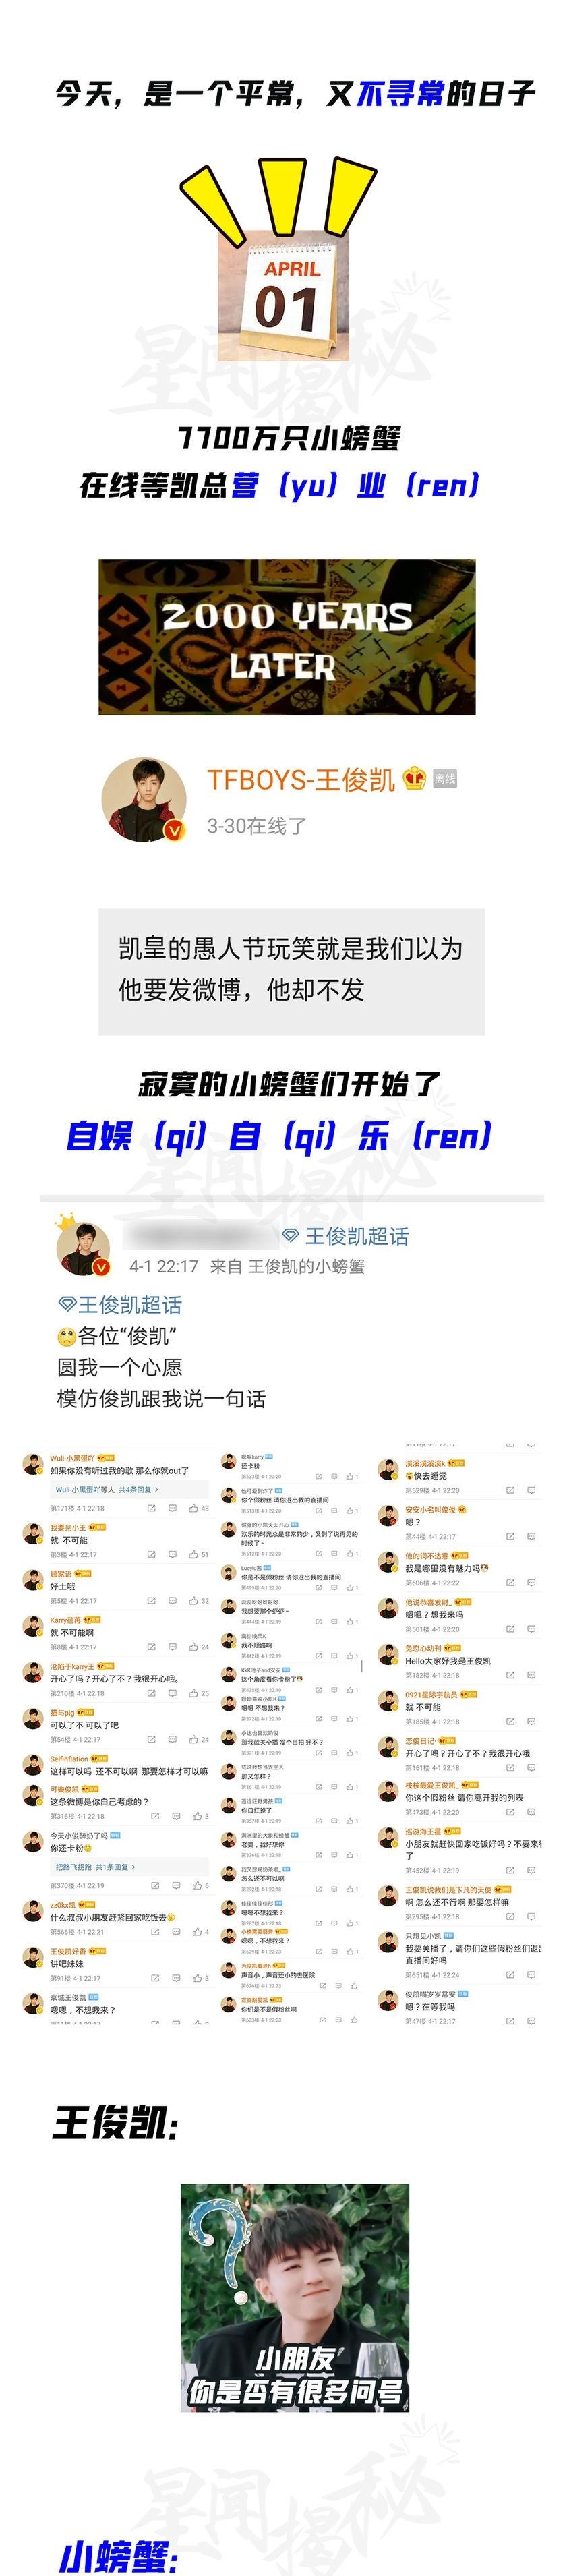 """『粉丝』真假王俊凯爆笑来袭可爱的""""戏精""""粉丝上线"""